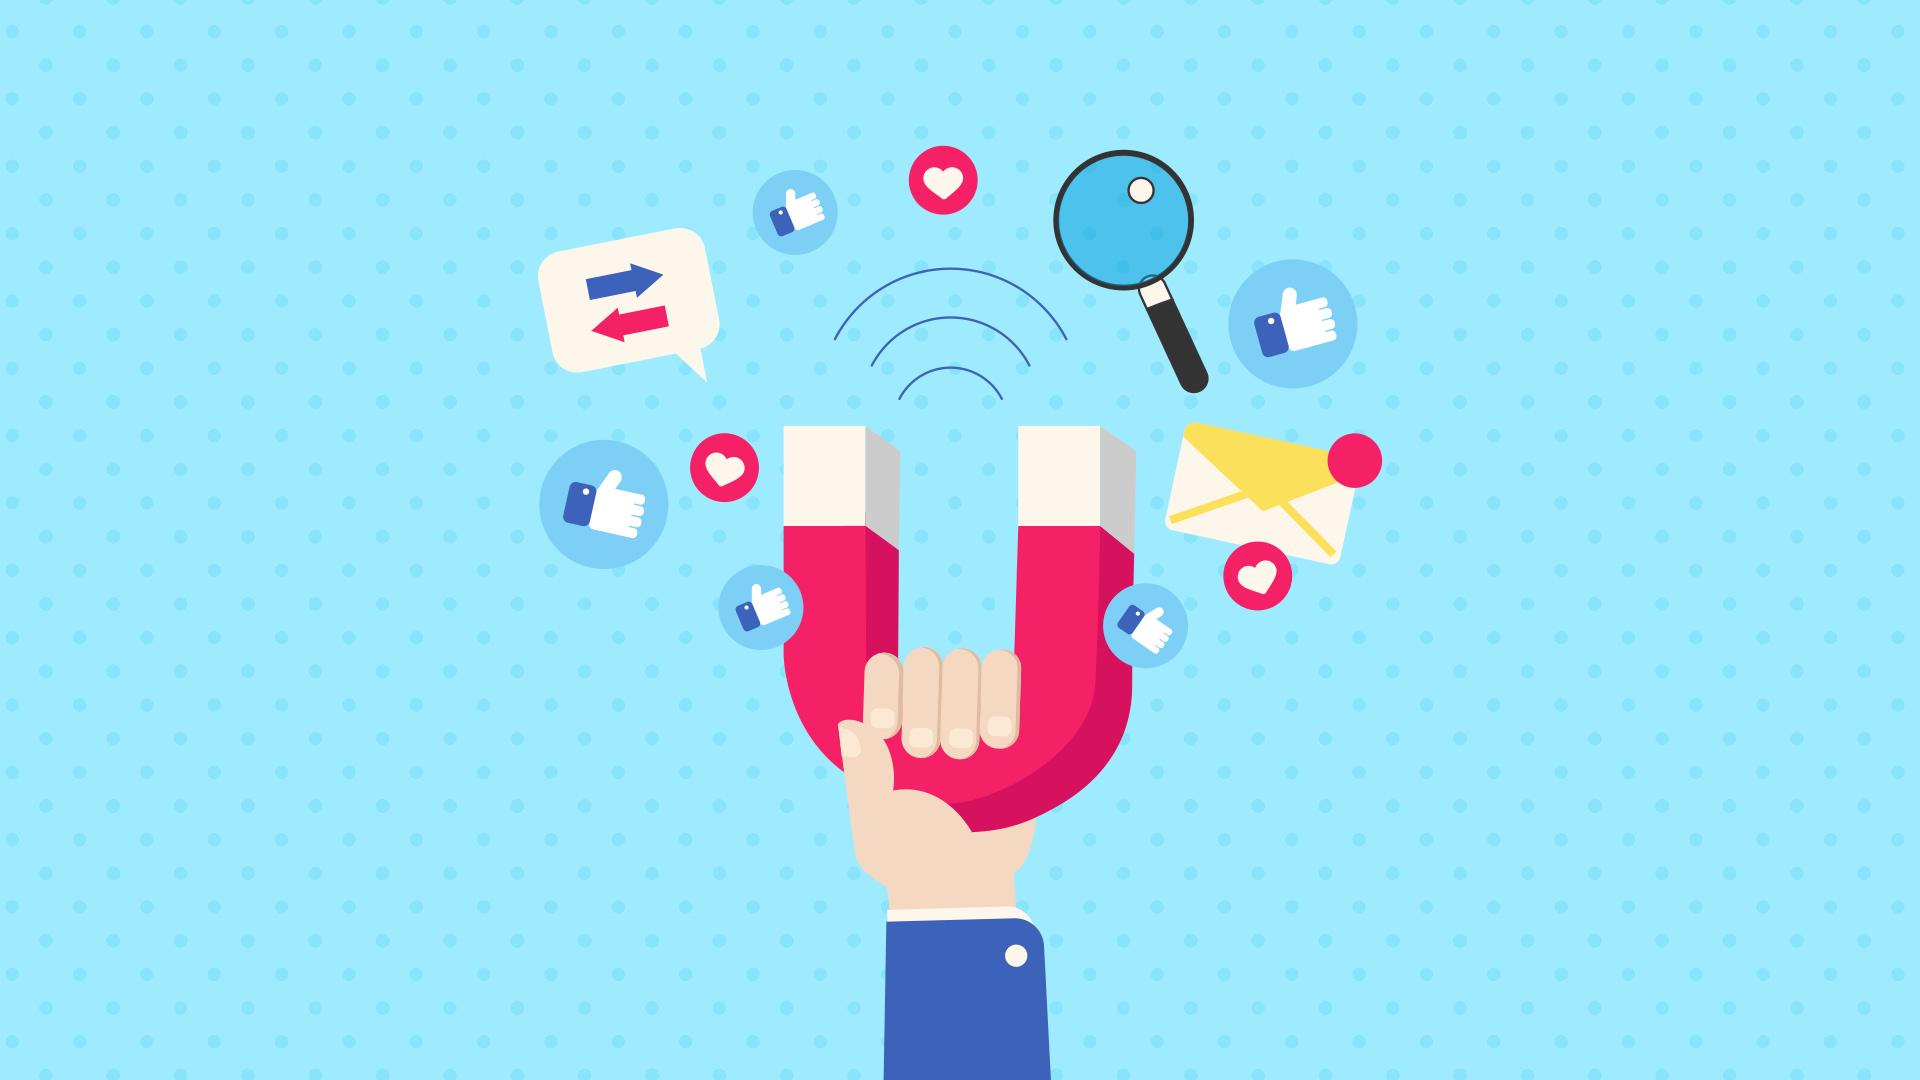 Mão segurando ímã, atraindo likes, mensagens e pesquisas, simbolizando Inbound Marketing